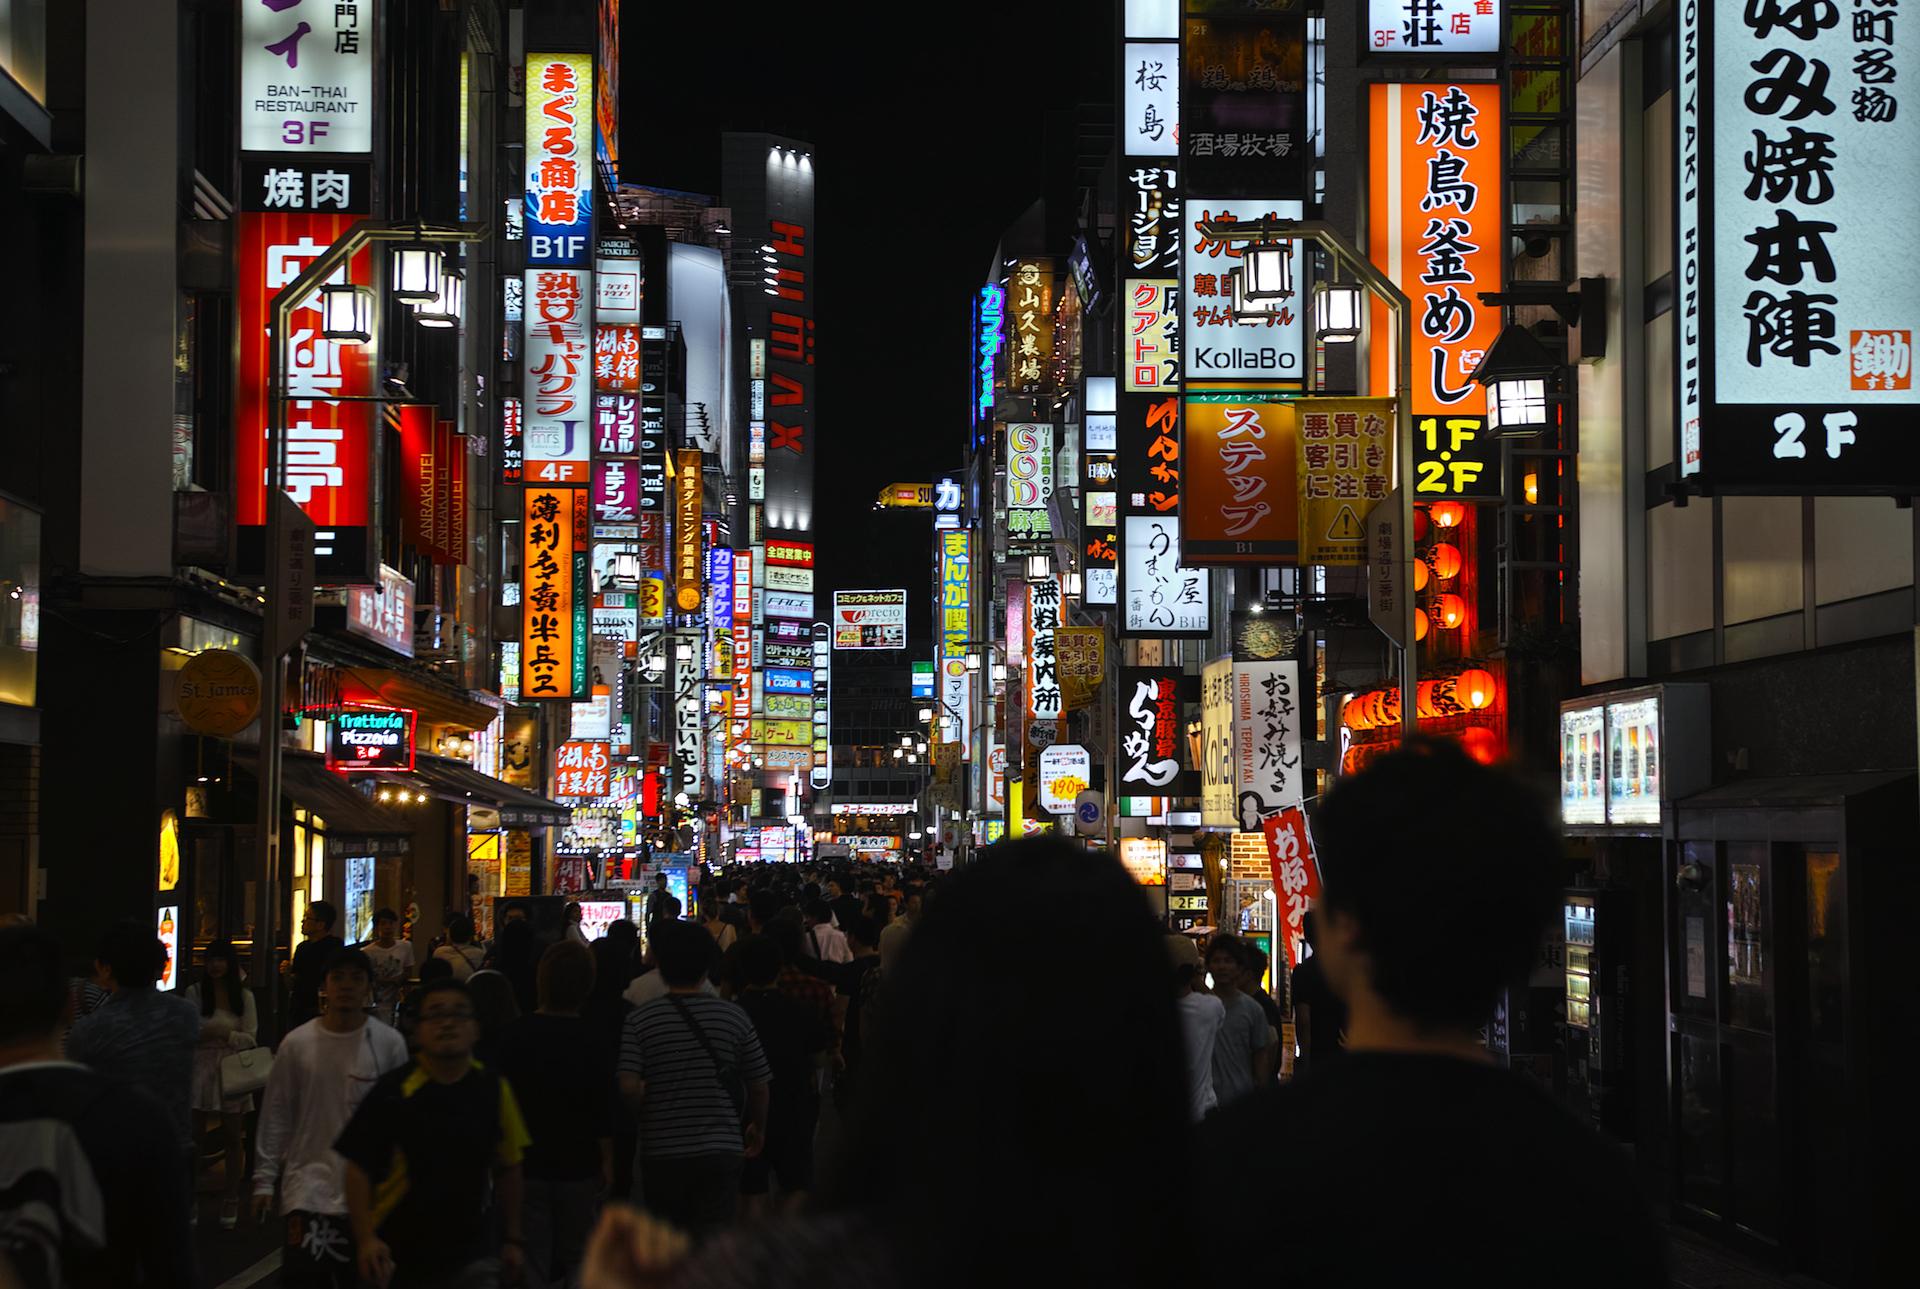 urbansigns-8-tokyo